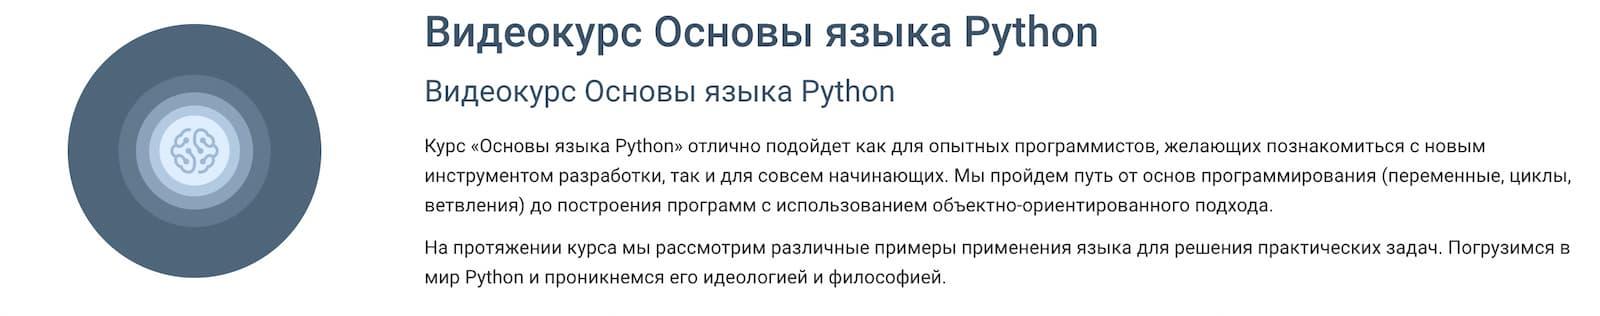 Записаться на курс «Видеокурс Основы языка Python» от GeekBrains